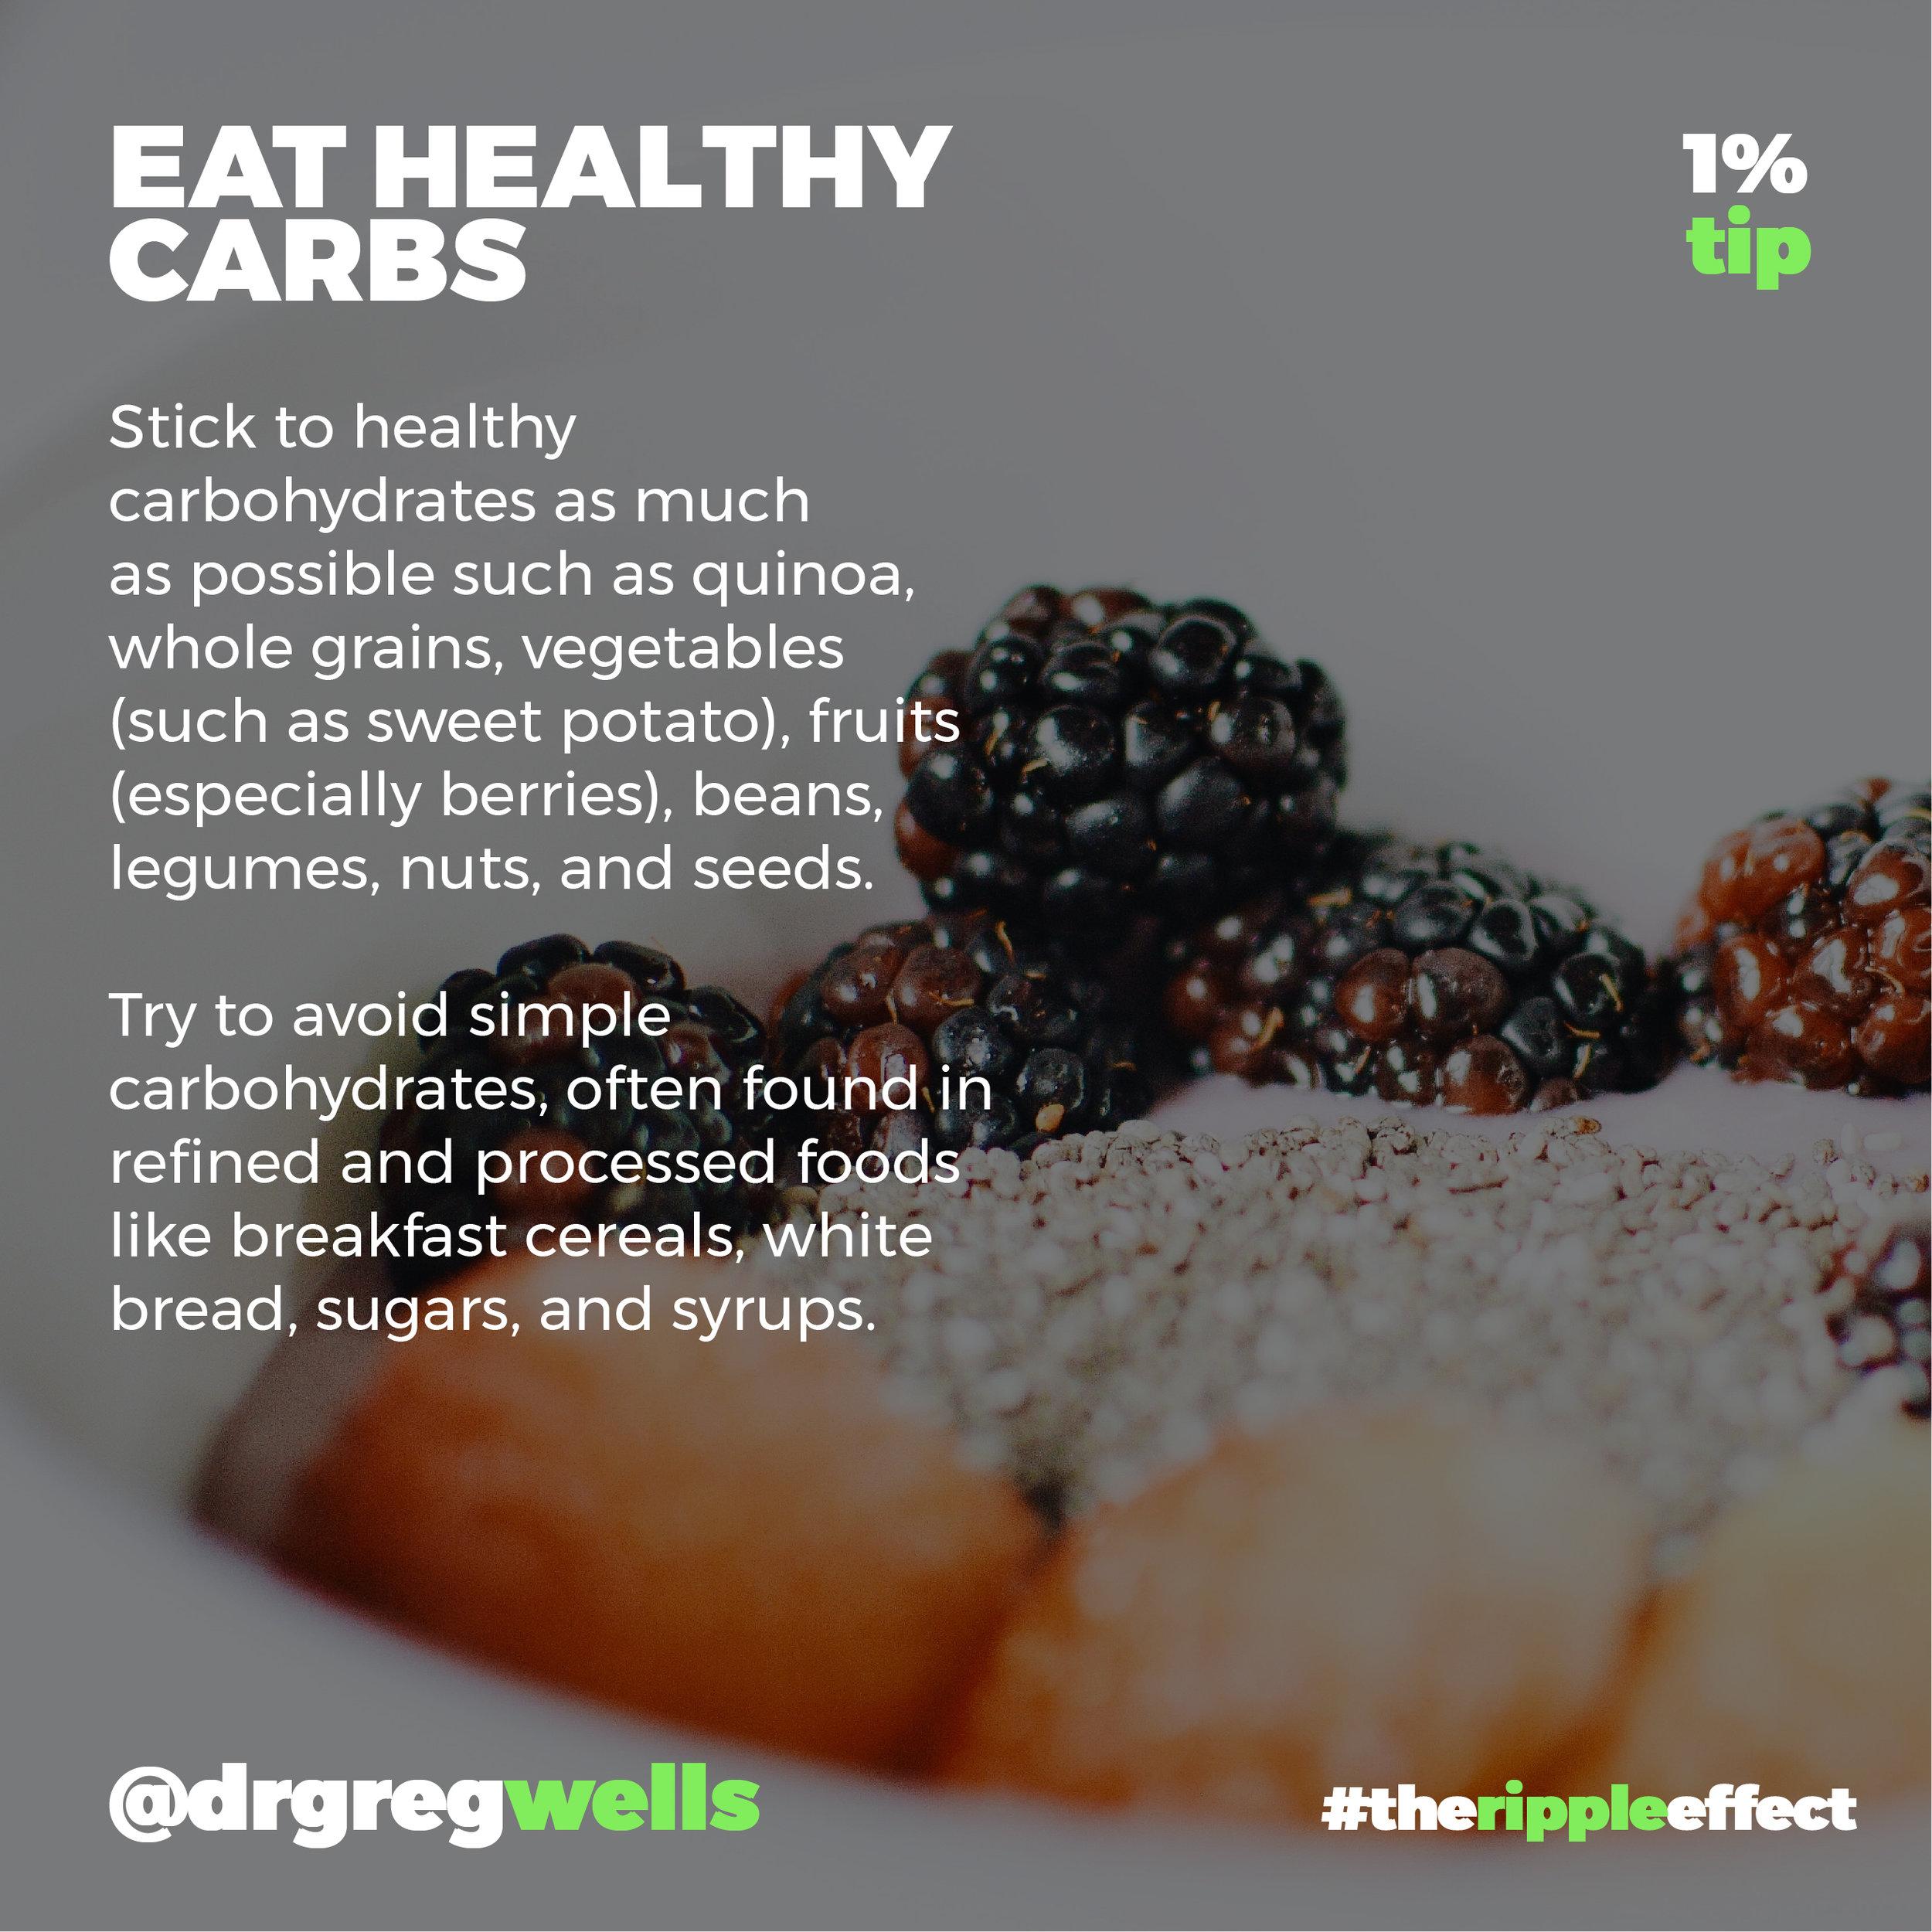 1% Tips Website eat tips 2019-08.jpg